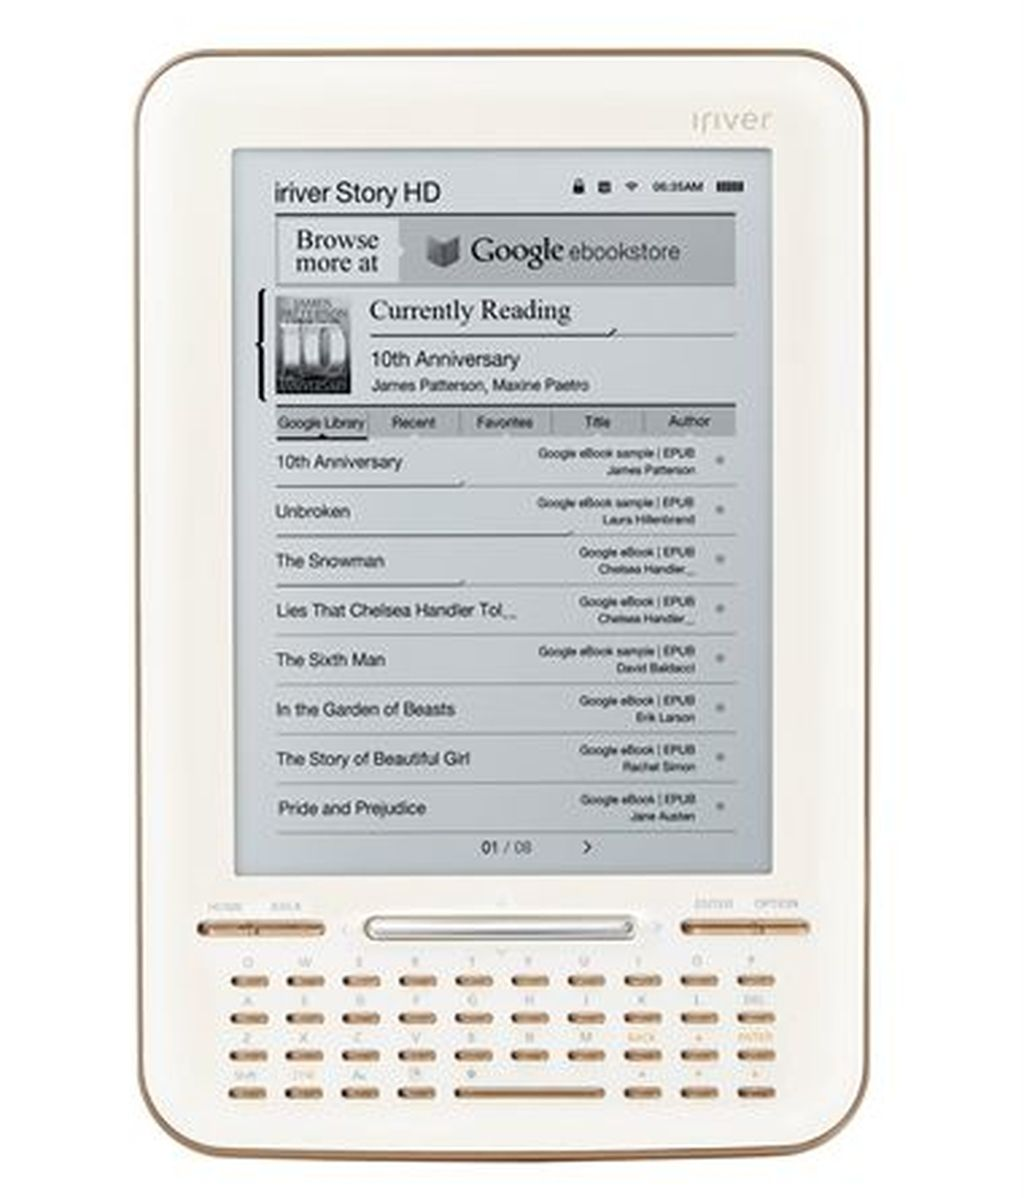 El 'Story HD', fabricado por la compañía Iriver, tiene un atractivo precio unido a sus características técnicas, una pantalla de alta resolución de tinta electrónica y Wifi.